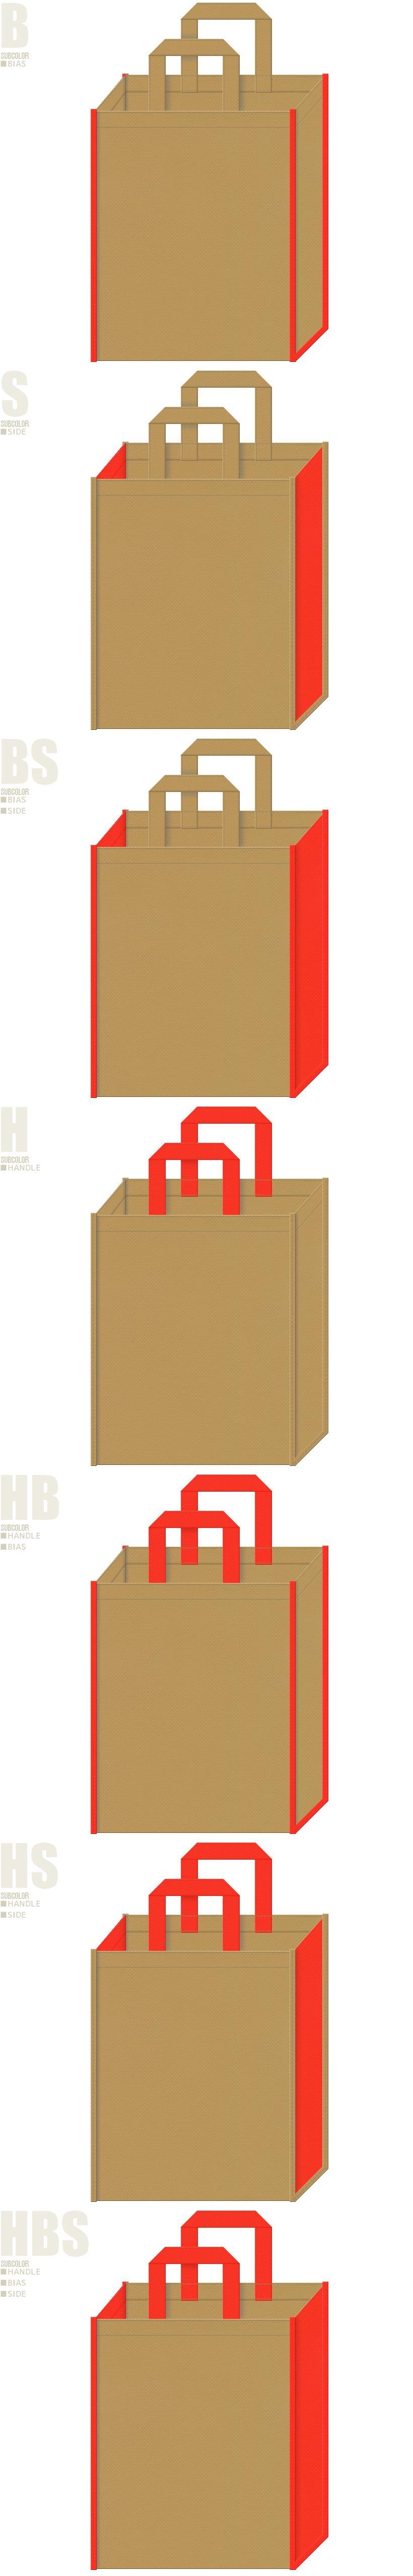 不織布バッグのデザイン:マスタード色とオレンジ色の配色7パターン